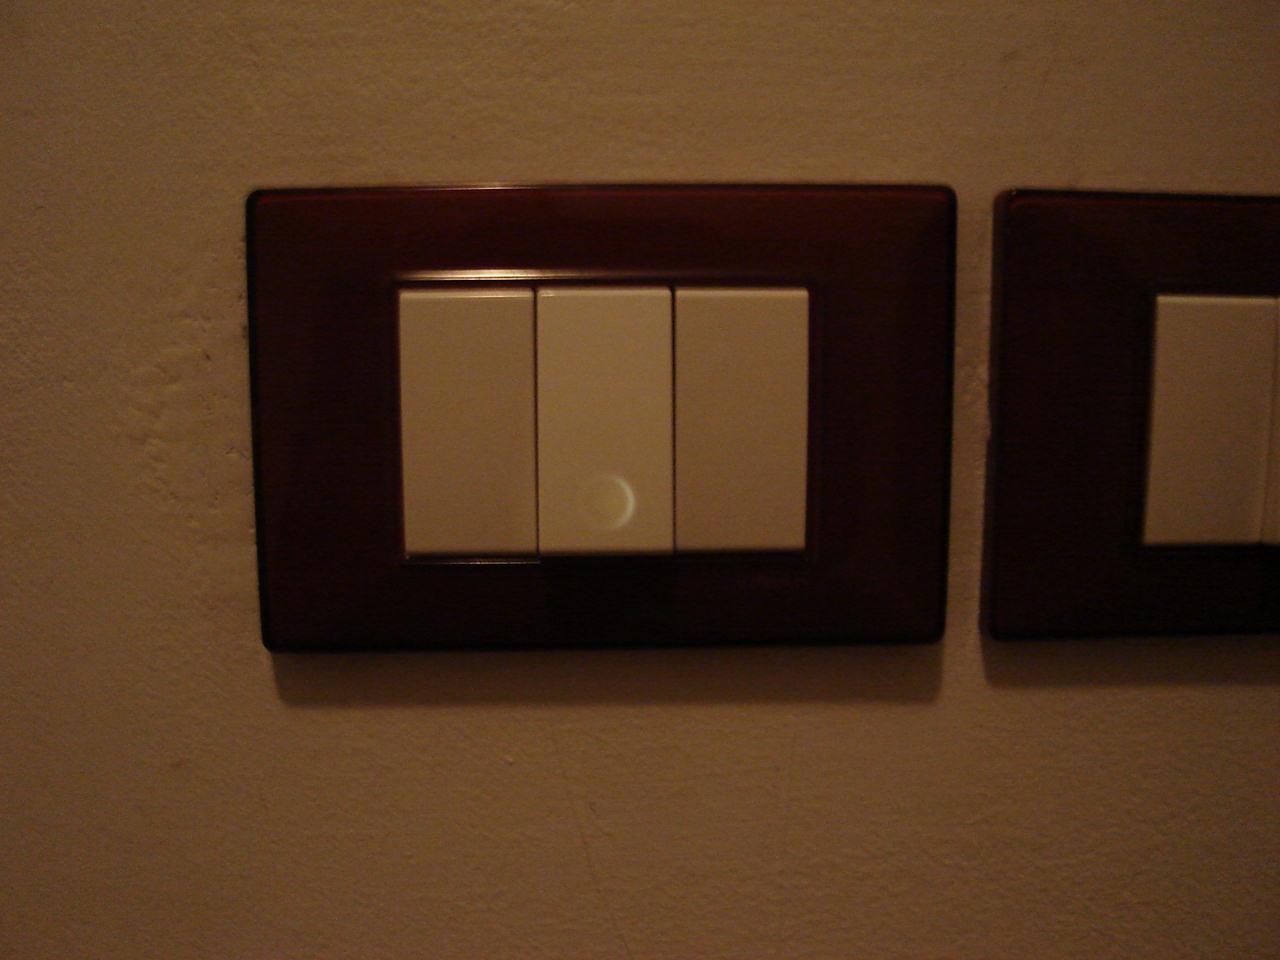 Illuminare un interruttore di casa con un led for Luce a led per casa